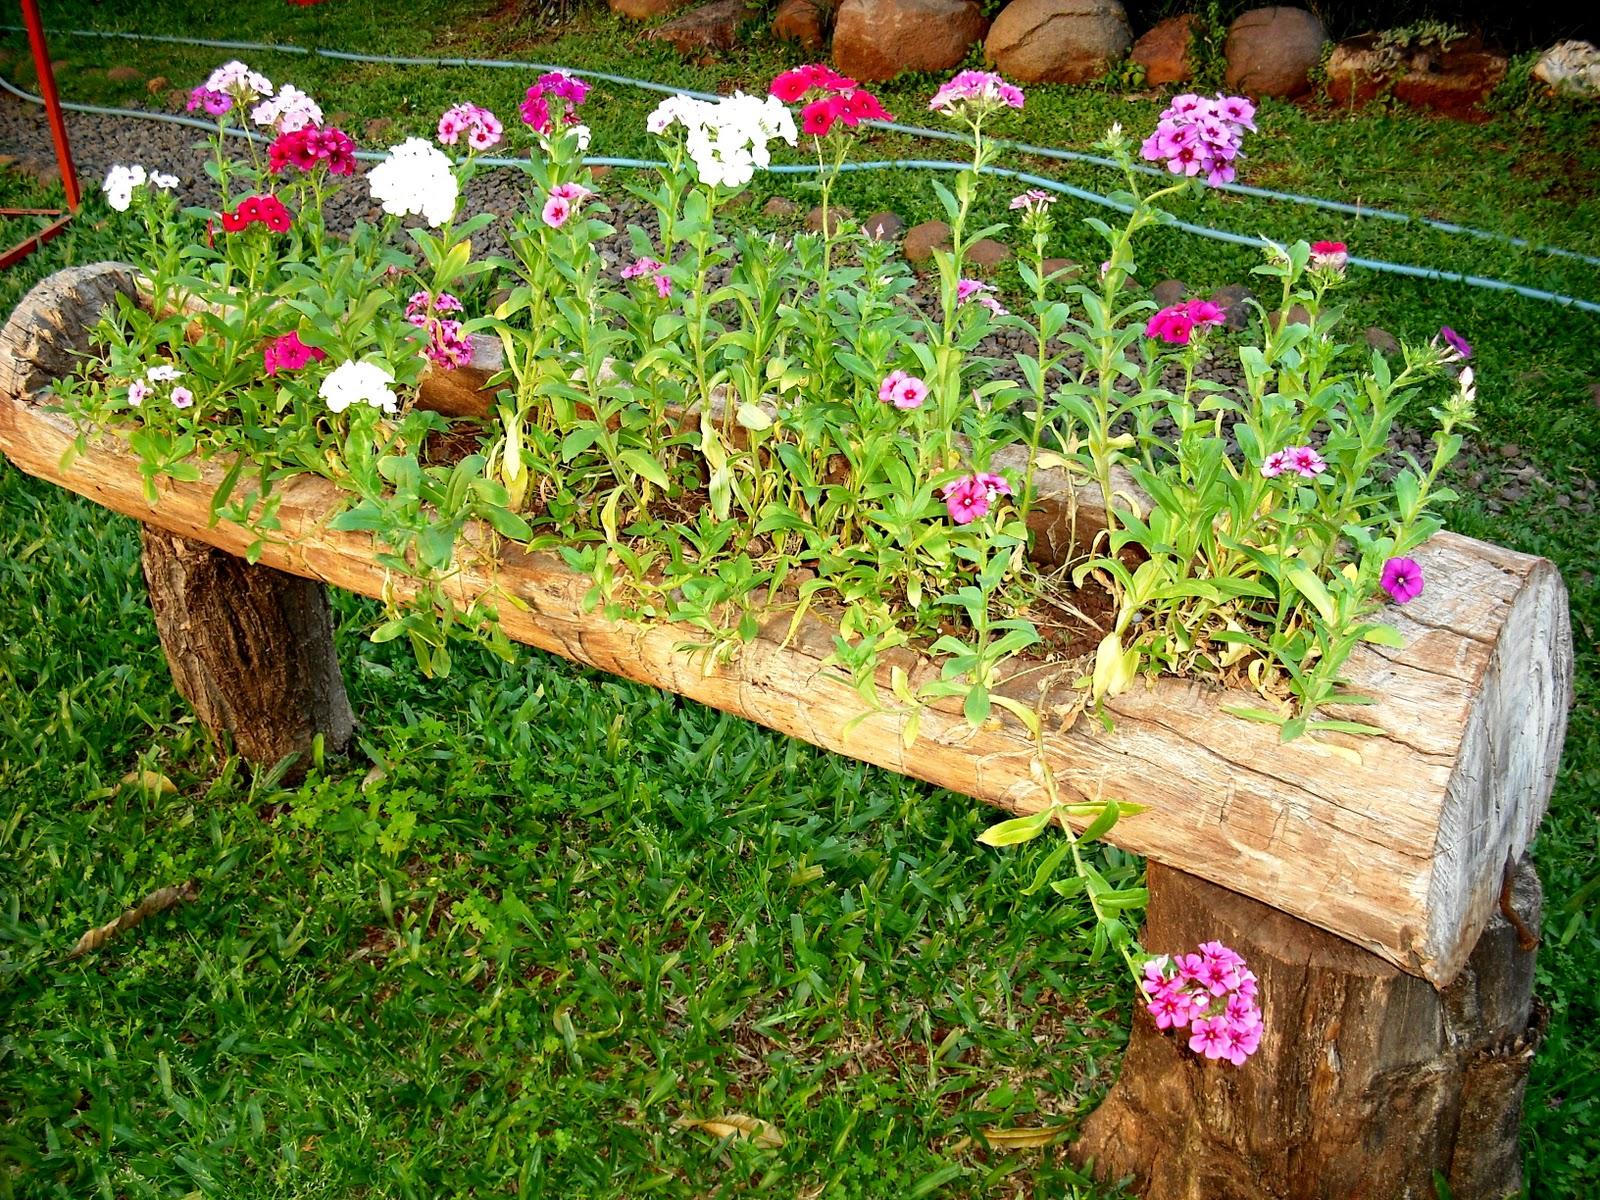 flores no jardim de deus : flores no jardim de deus:Postado por Silvia Belchor às 07:39